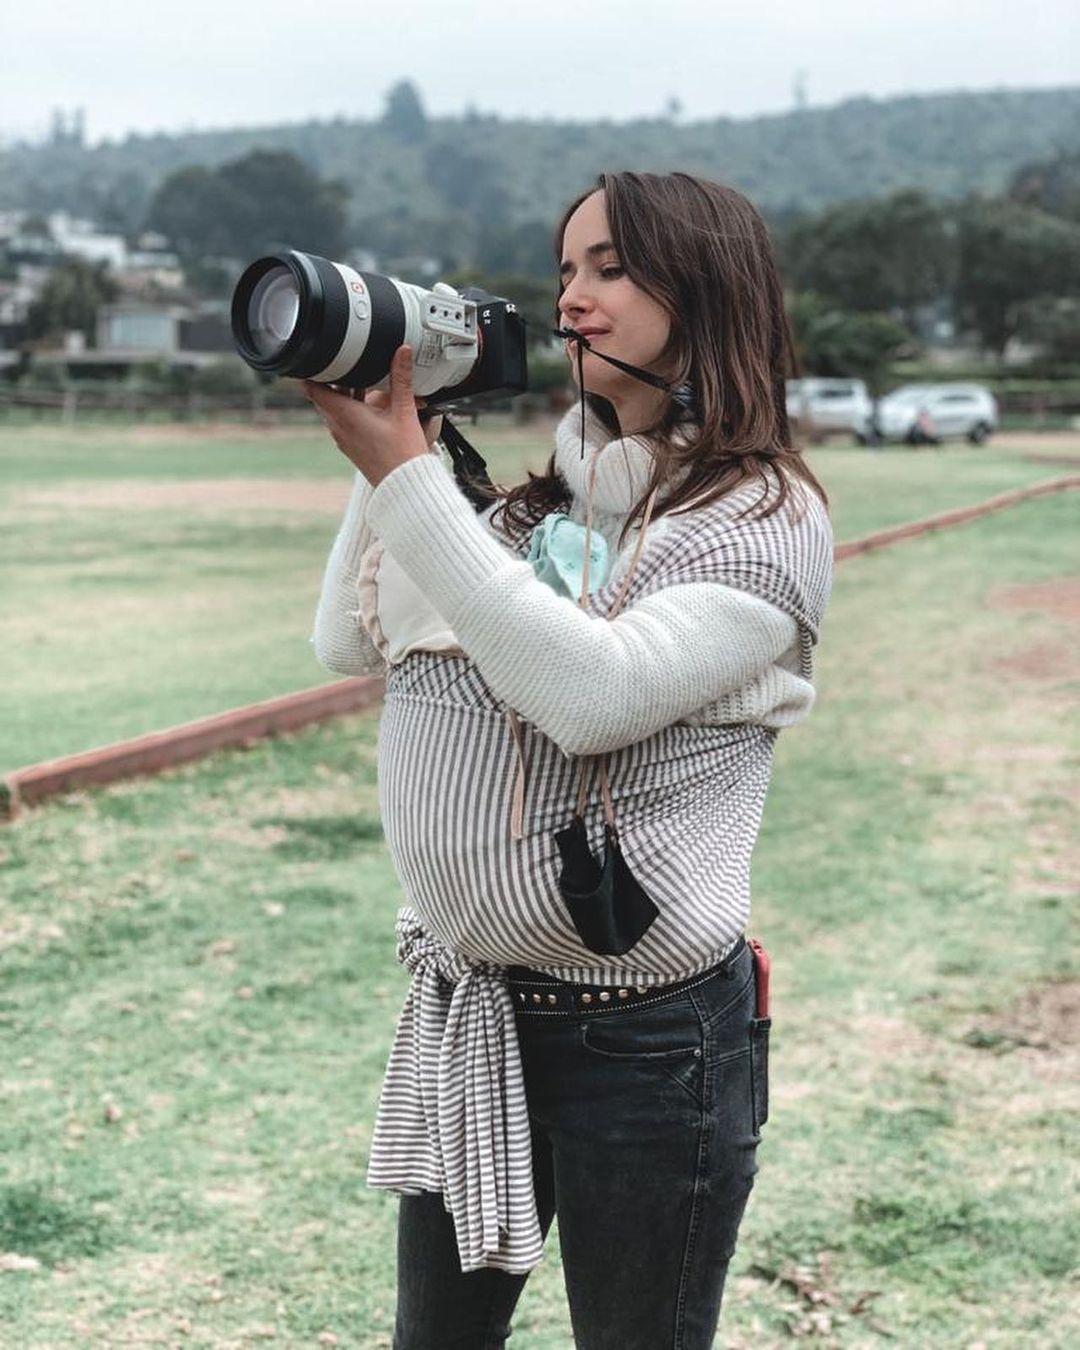 El bikinazo de Juanita Ringeling a 3 meses de dar a luz